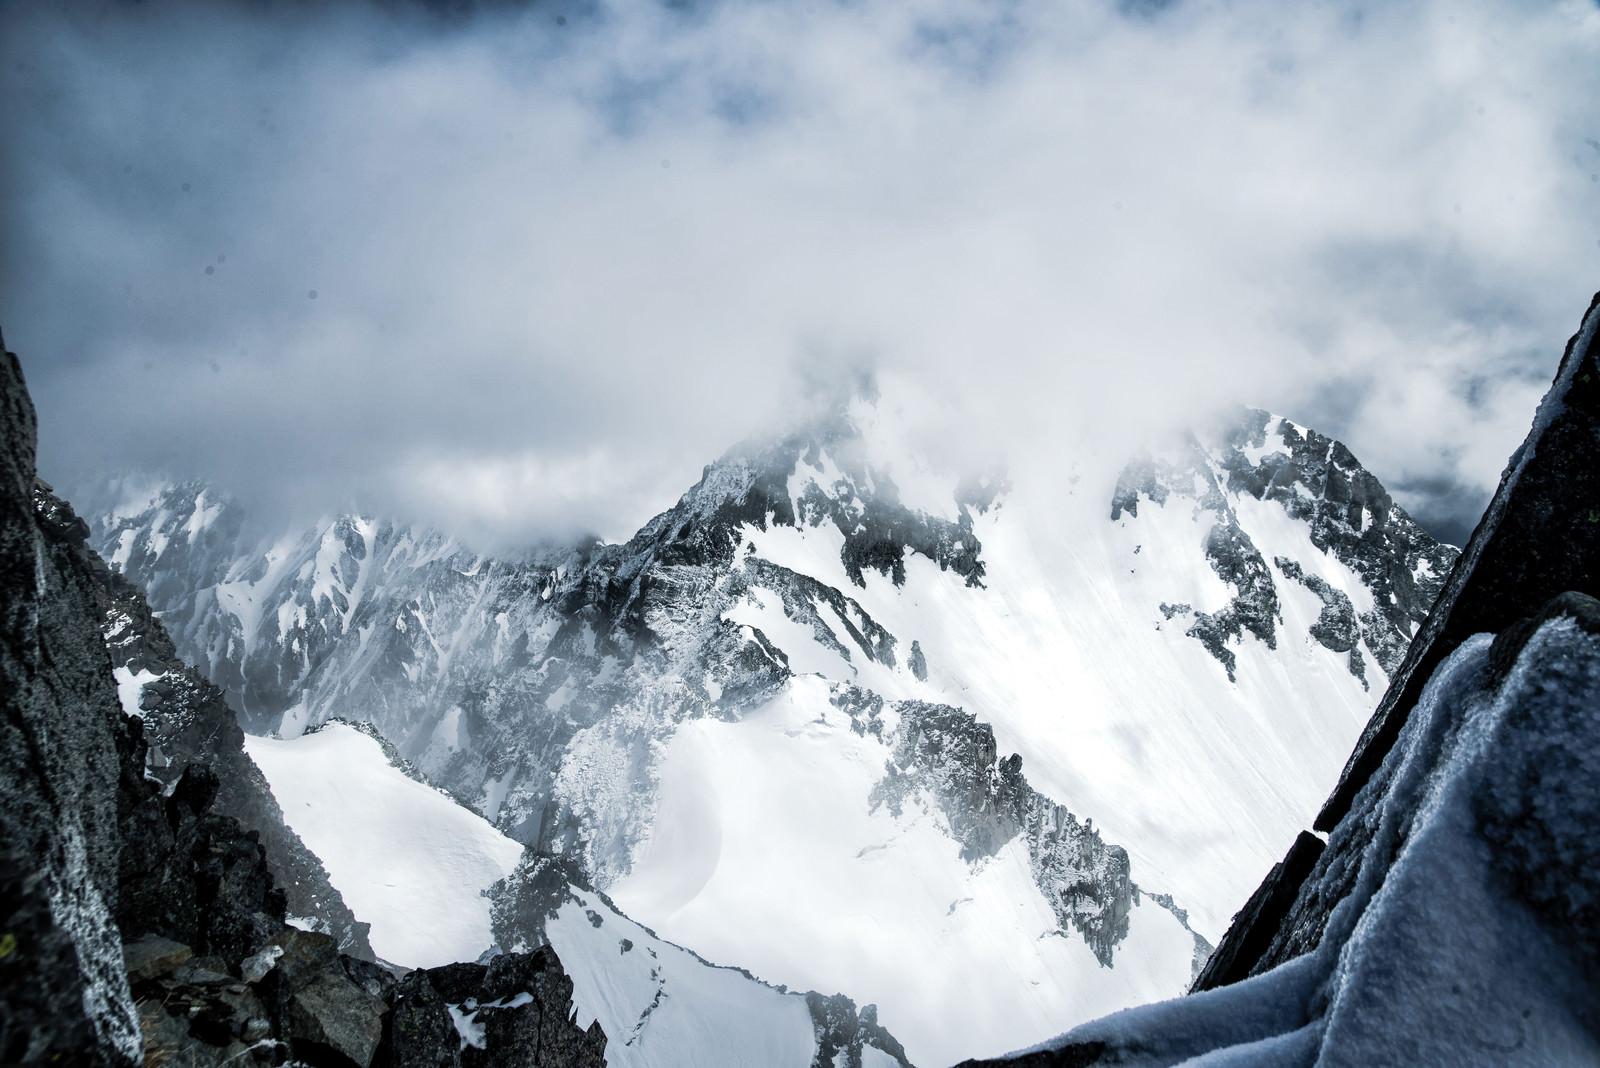 「涸沢岳から望む雲がかる北穂高岳(北アルプス)」の写真